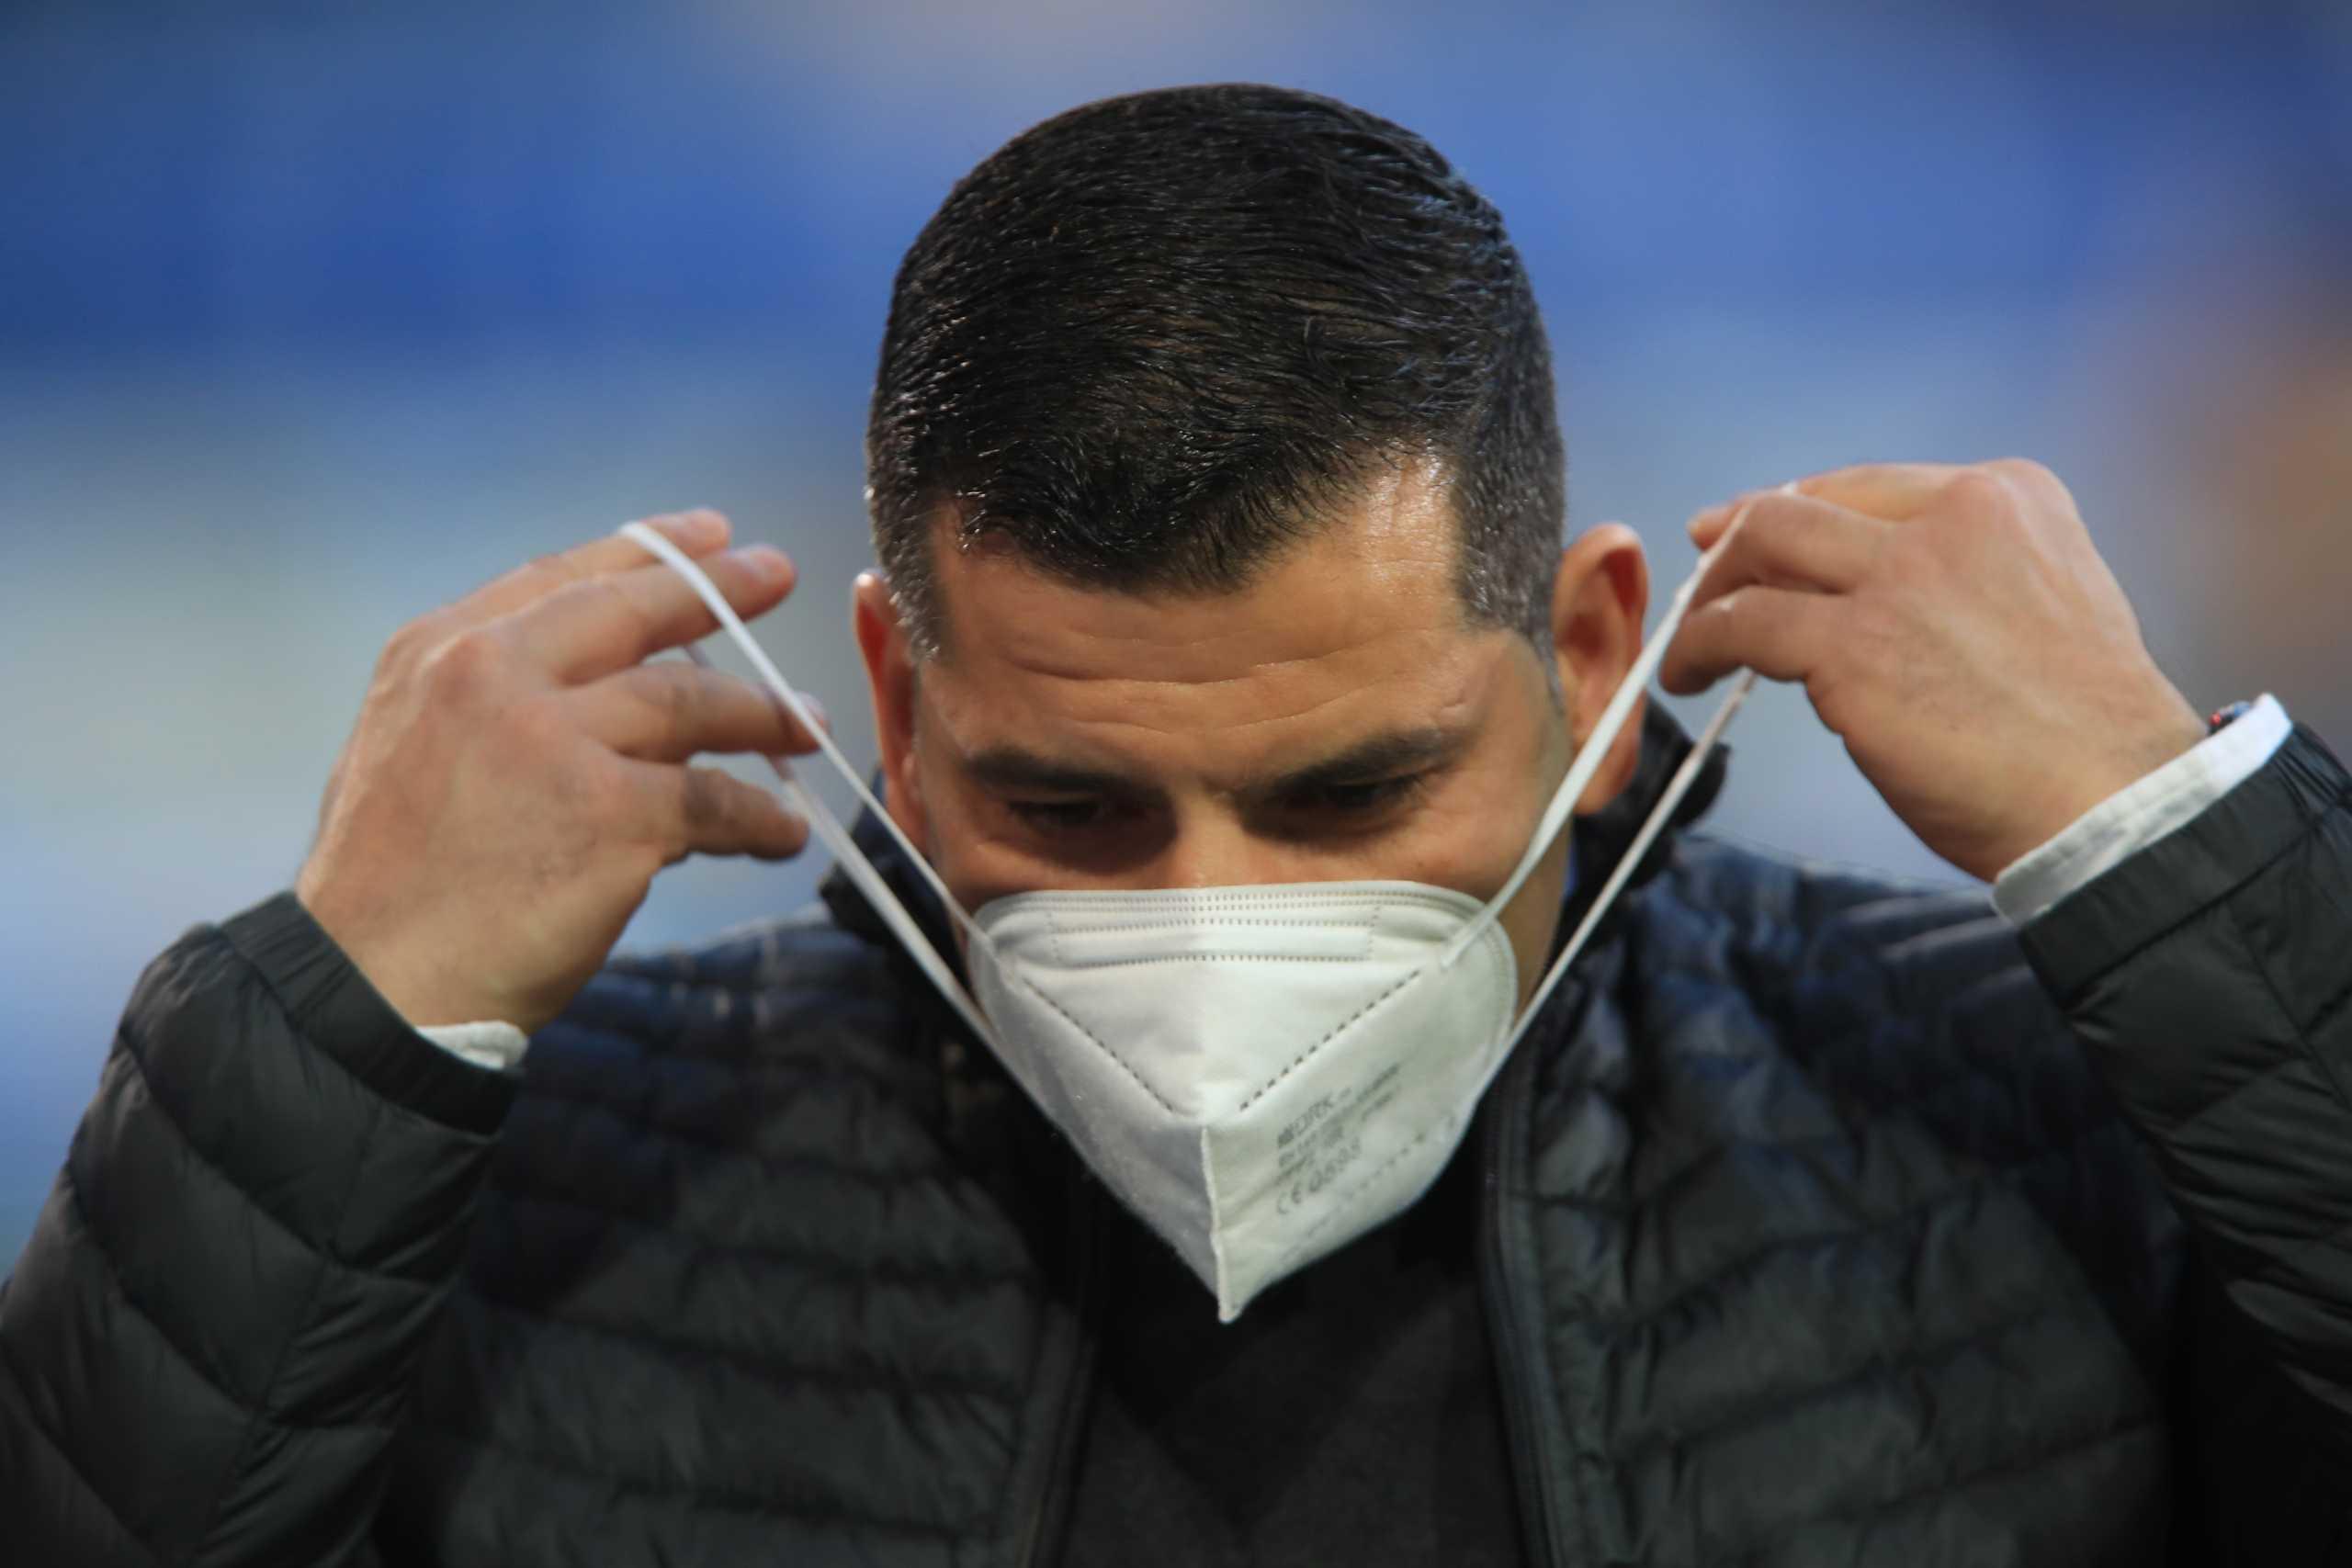 Σάλκε: Οπαδοί επιτέθηκαν στους παίκτες του Γραμμόζη μετά τον υποβιβασμό